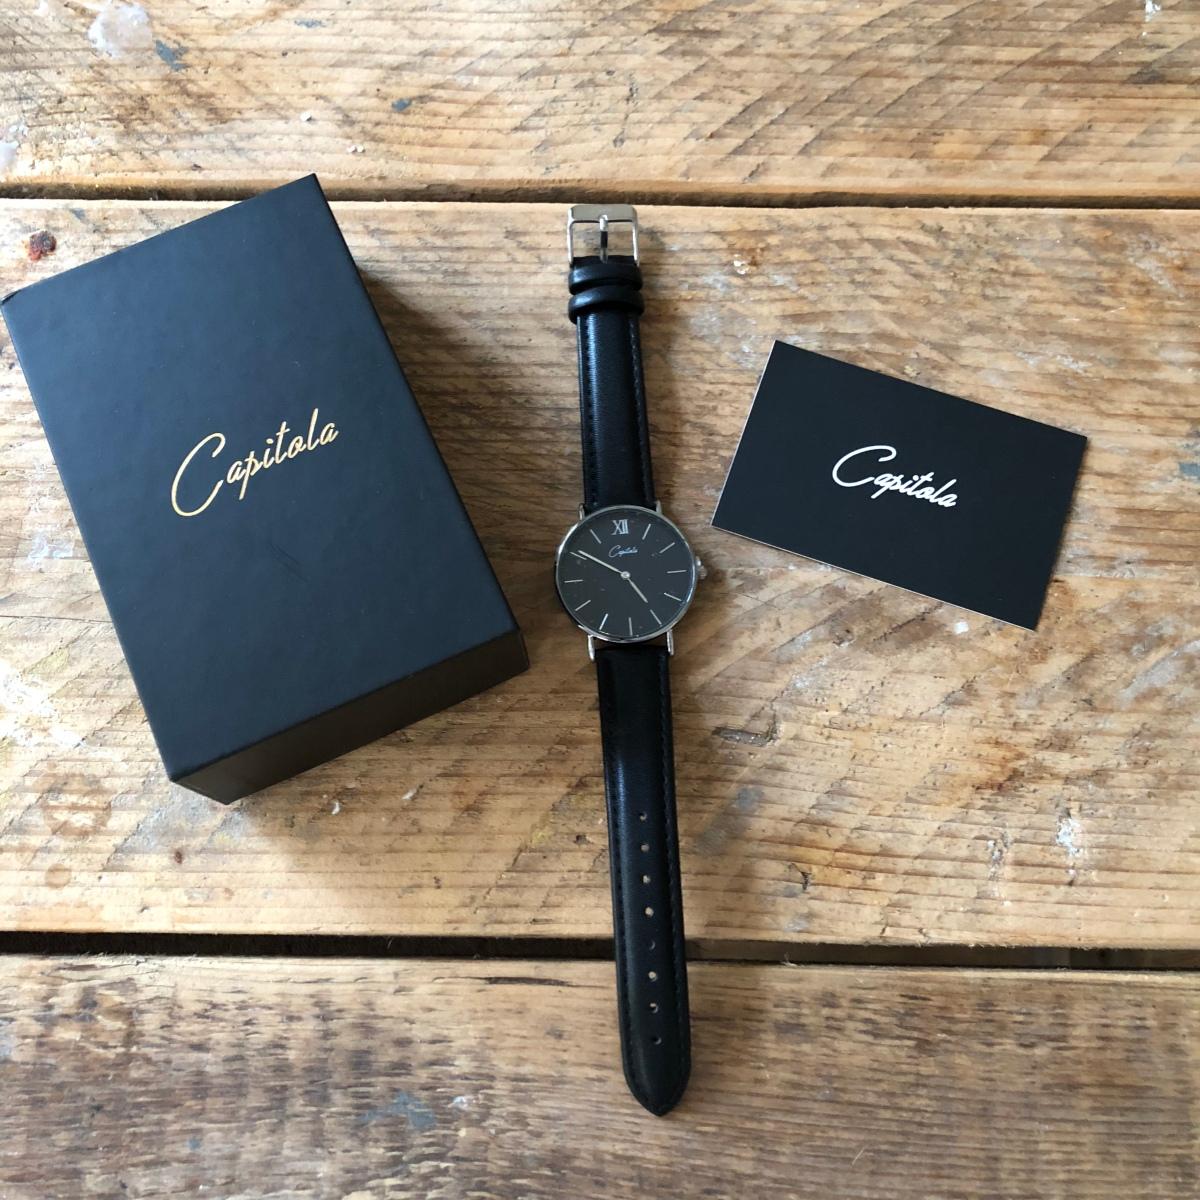 Capitola horloges